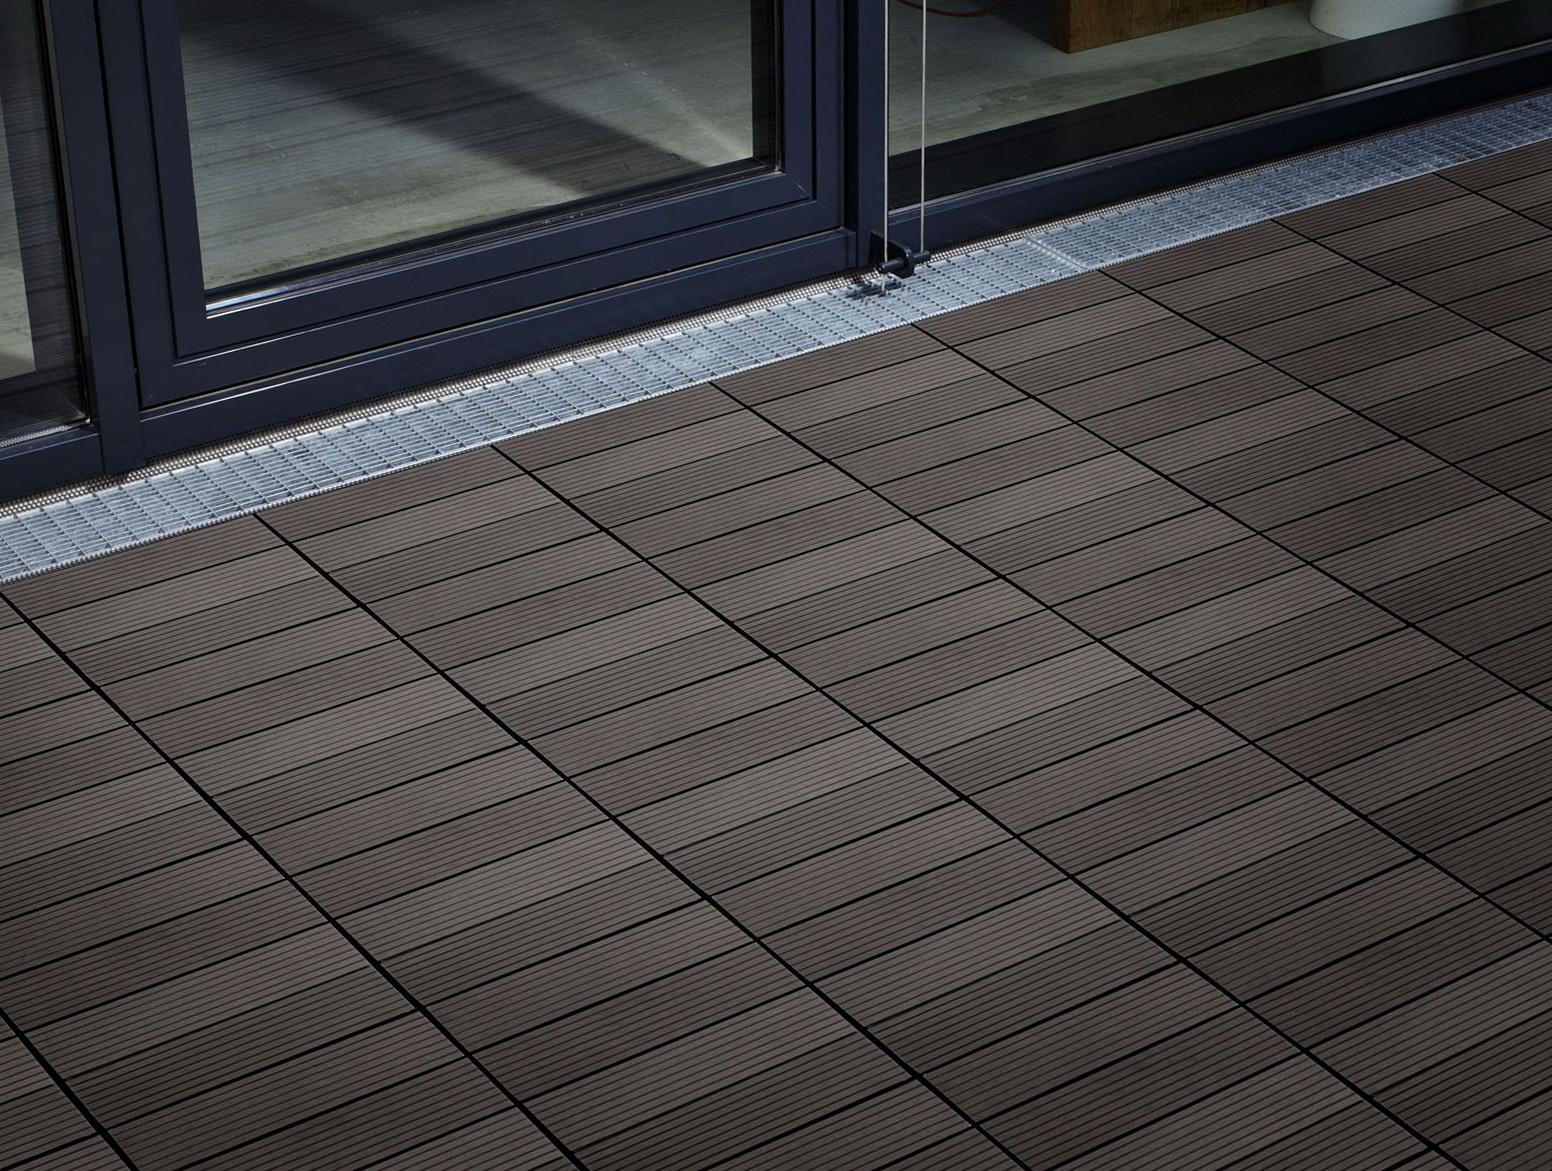 Interlocking Deck Tiles Home Depot Home Design Ideas